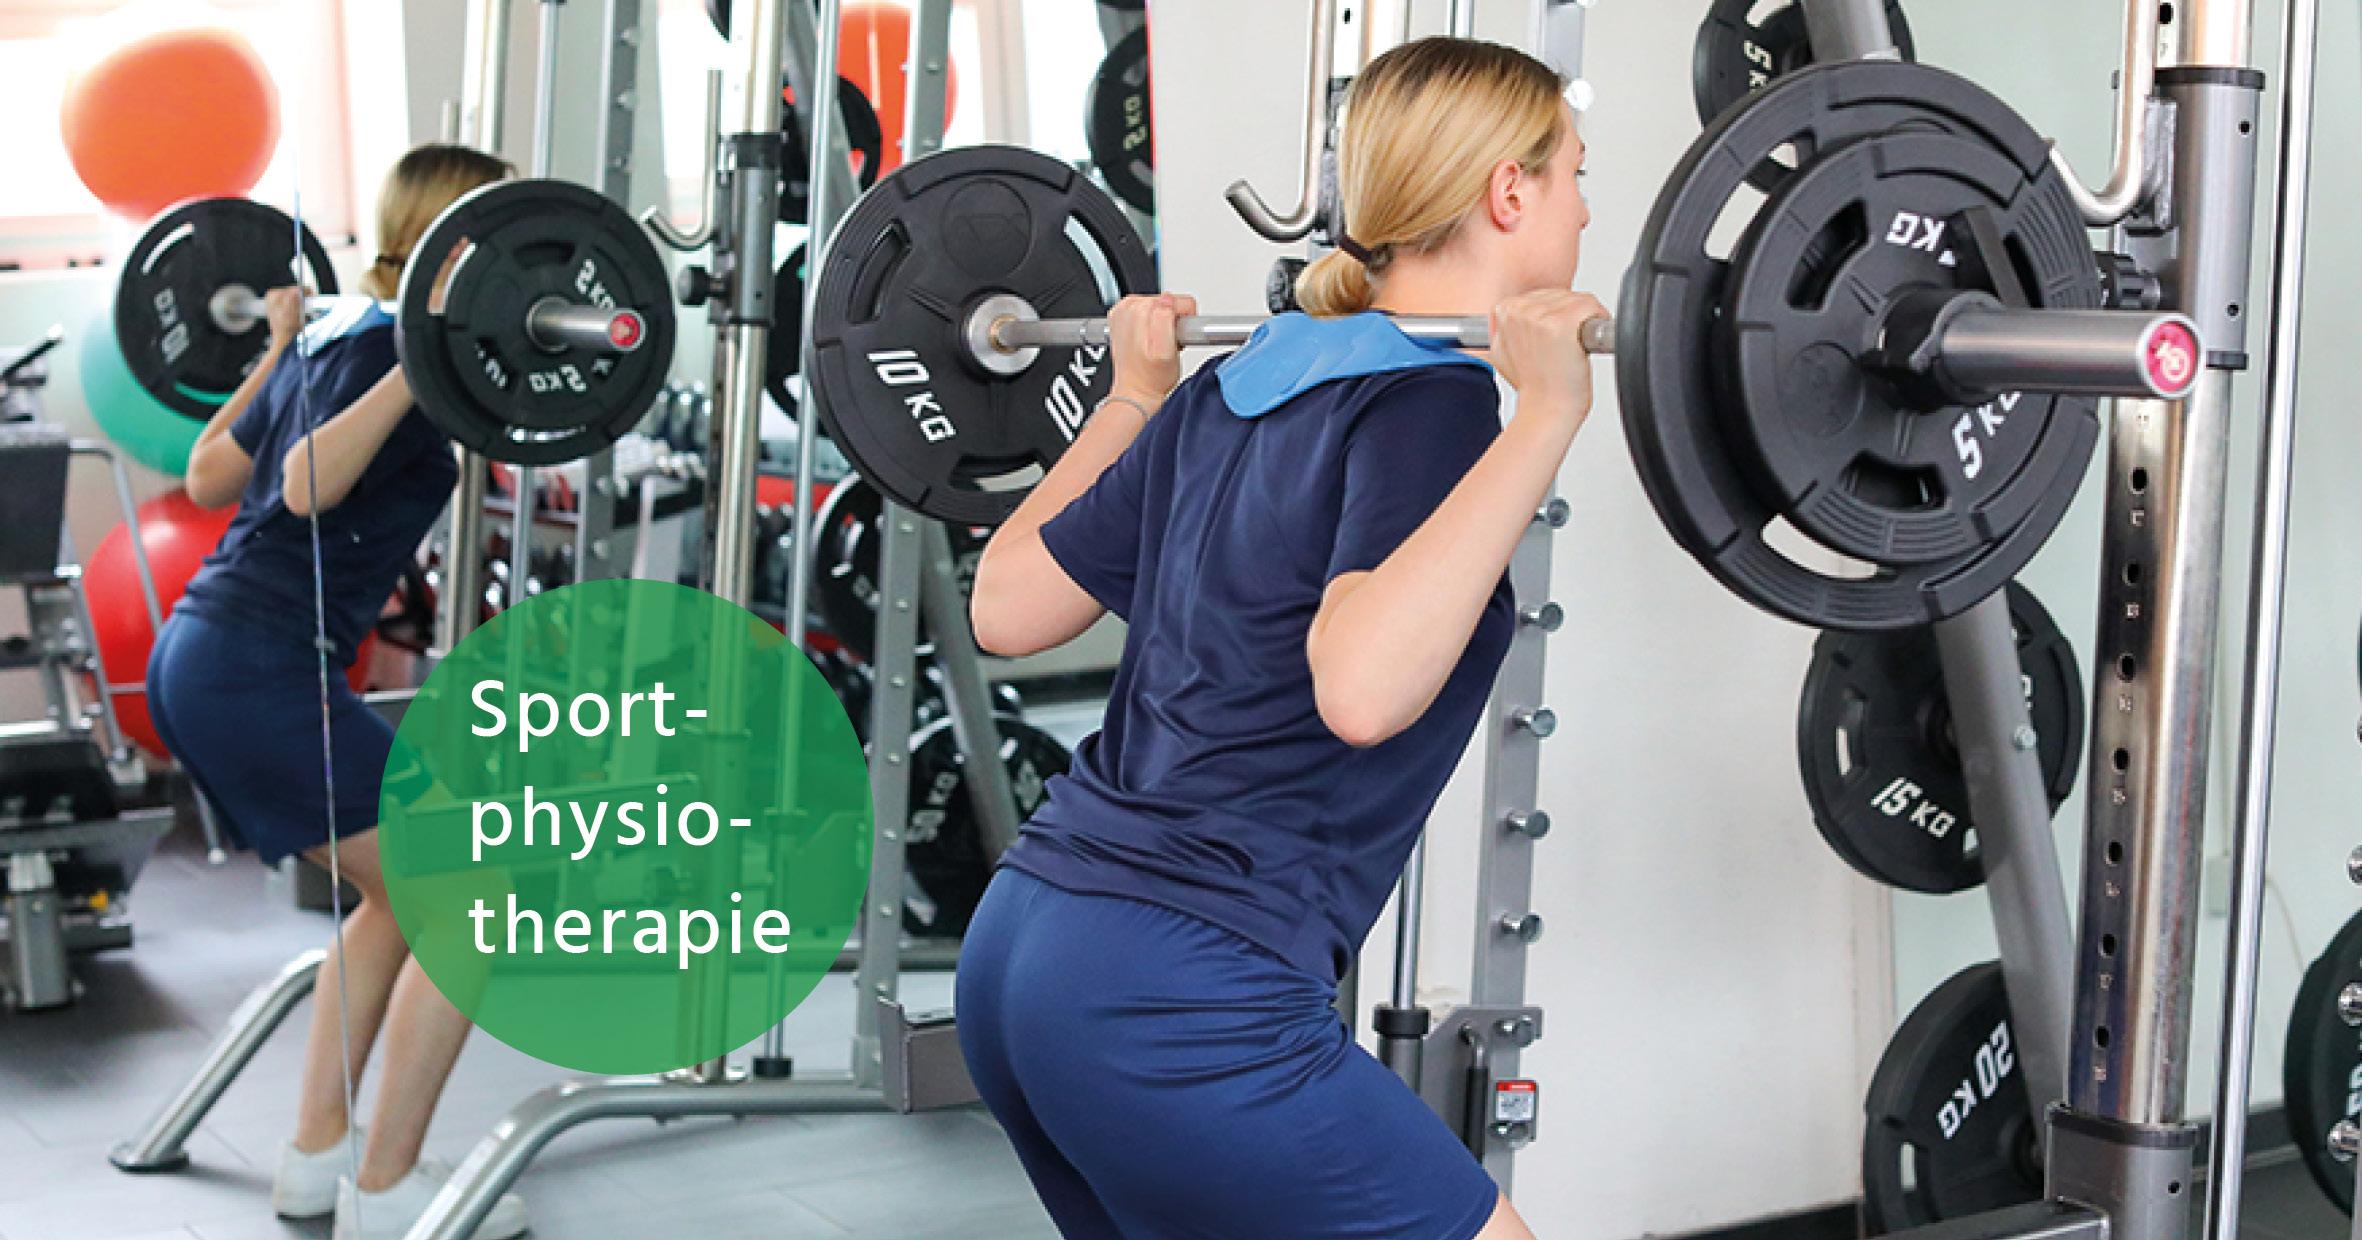 Sportphysio-Therapie-Brunner-Bonesso